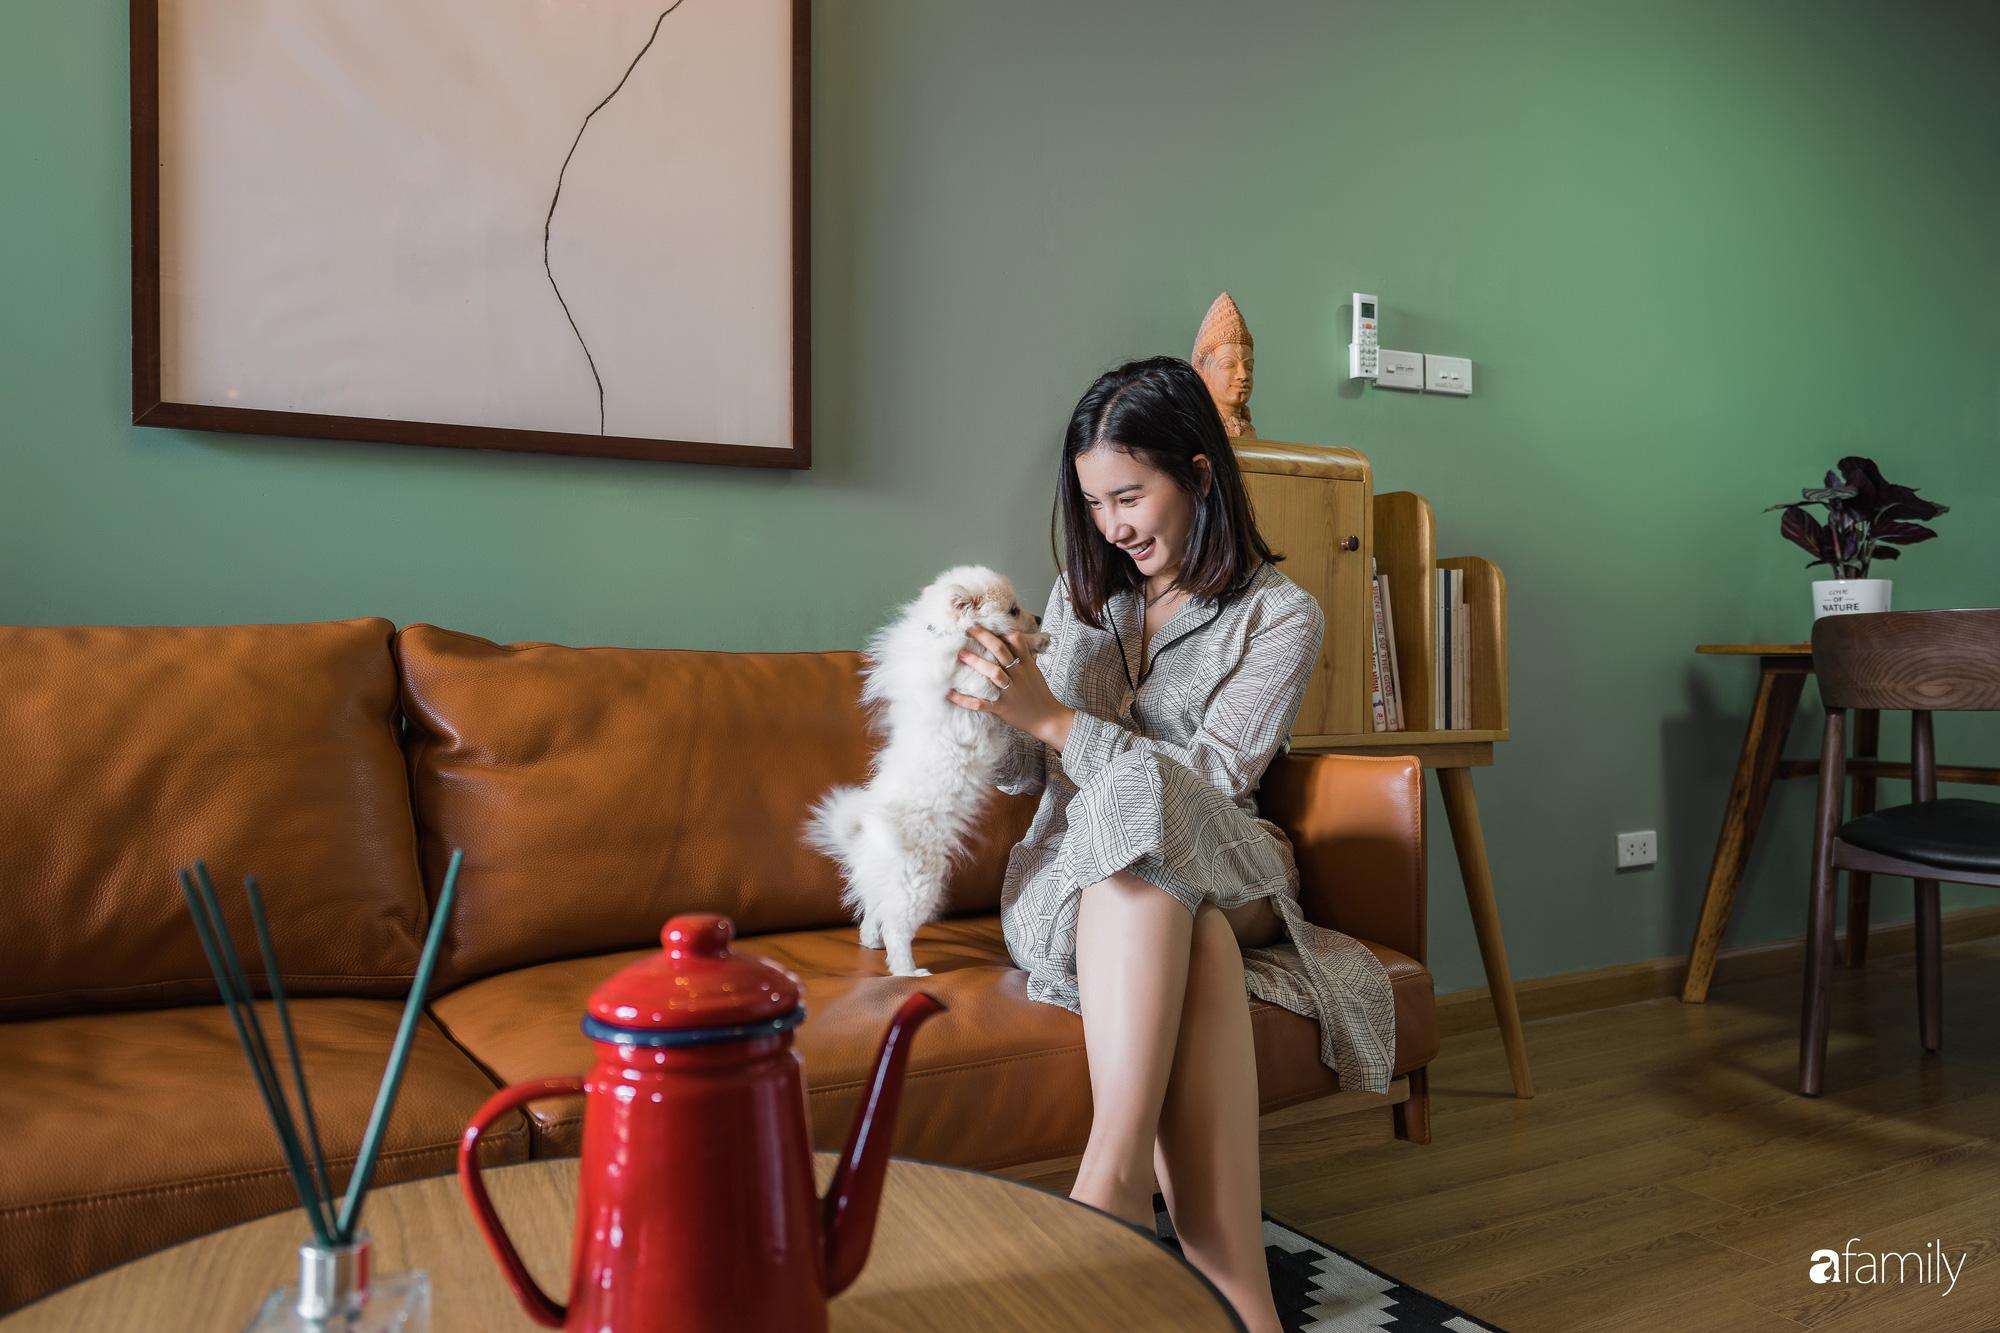 Căn hộ 60m2 với thiết kế tiện nghi, thoải mái cho vợ chồng trẻ cùng thú cưng có chi phí 50 triệu đồng ở Hà Nội - Ảnh 2.